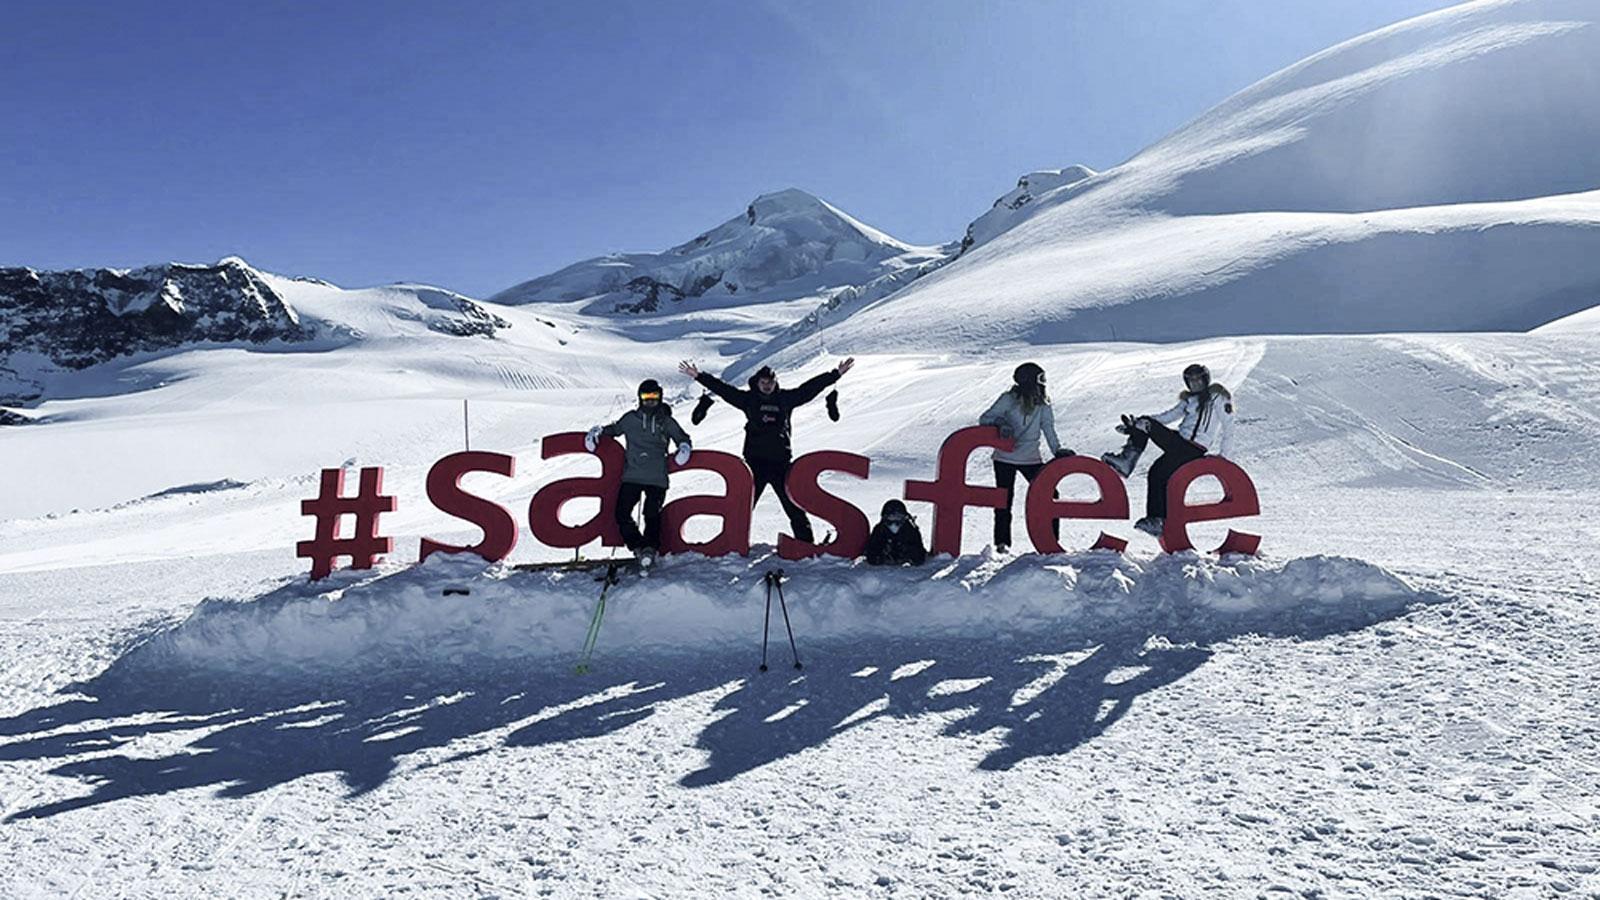 CSDK Architectes Saas Fee 0001 - CSDK à Ski! - CSDK Architectes Saas Fee 0001